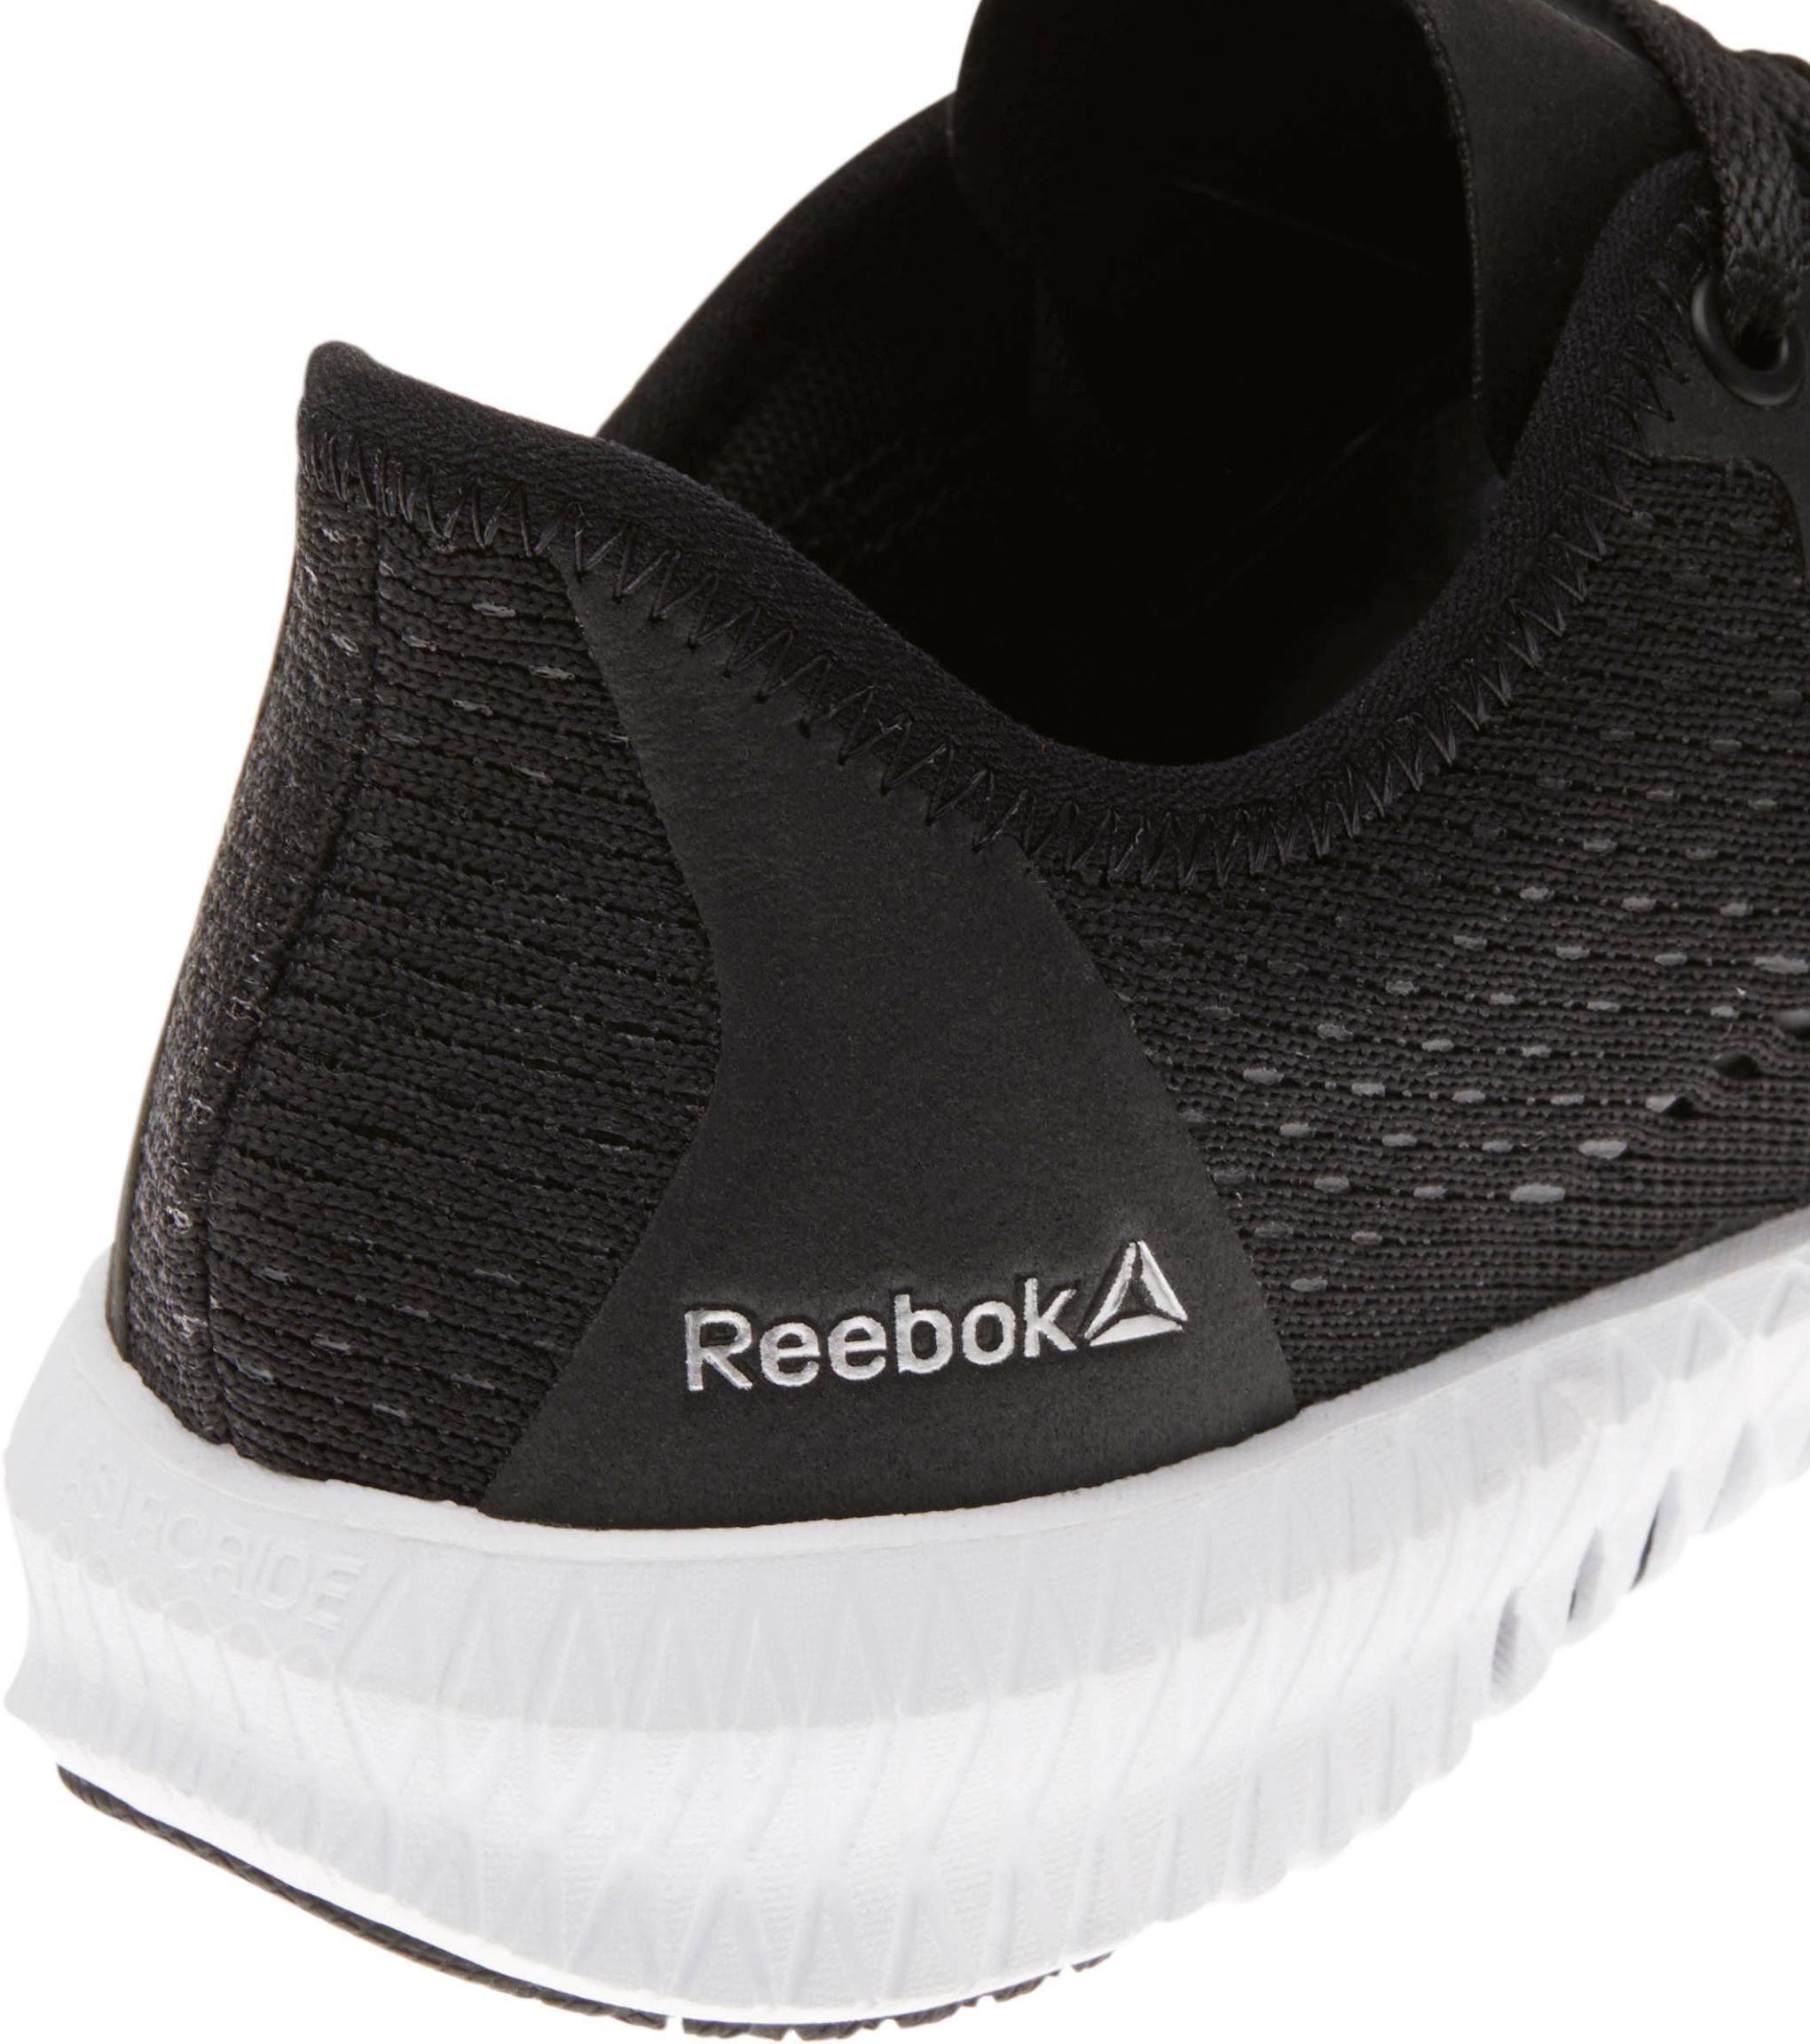 Reebok FLEXAGON Fitnessschuhe SportScheck Damen schwarz-Weiß-Silber im Online Shop von SportScheck Fitnessschuhe kaufen Gute Qualität beliebte Schuhe 8626a6